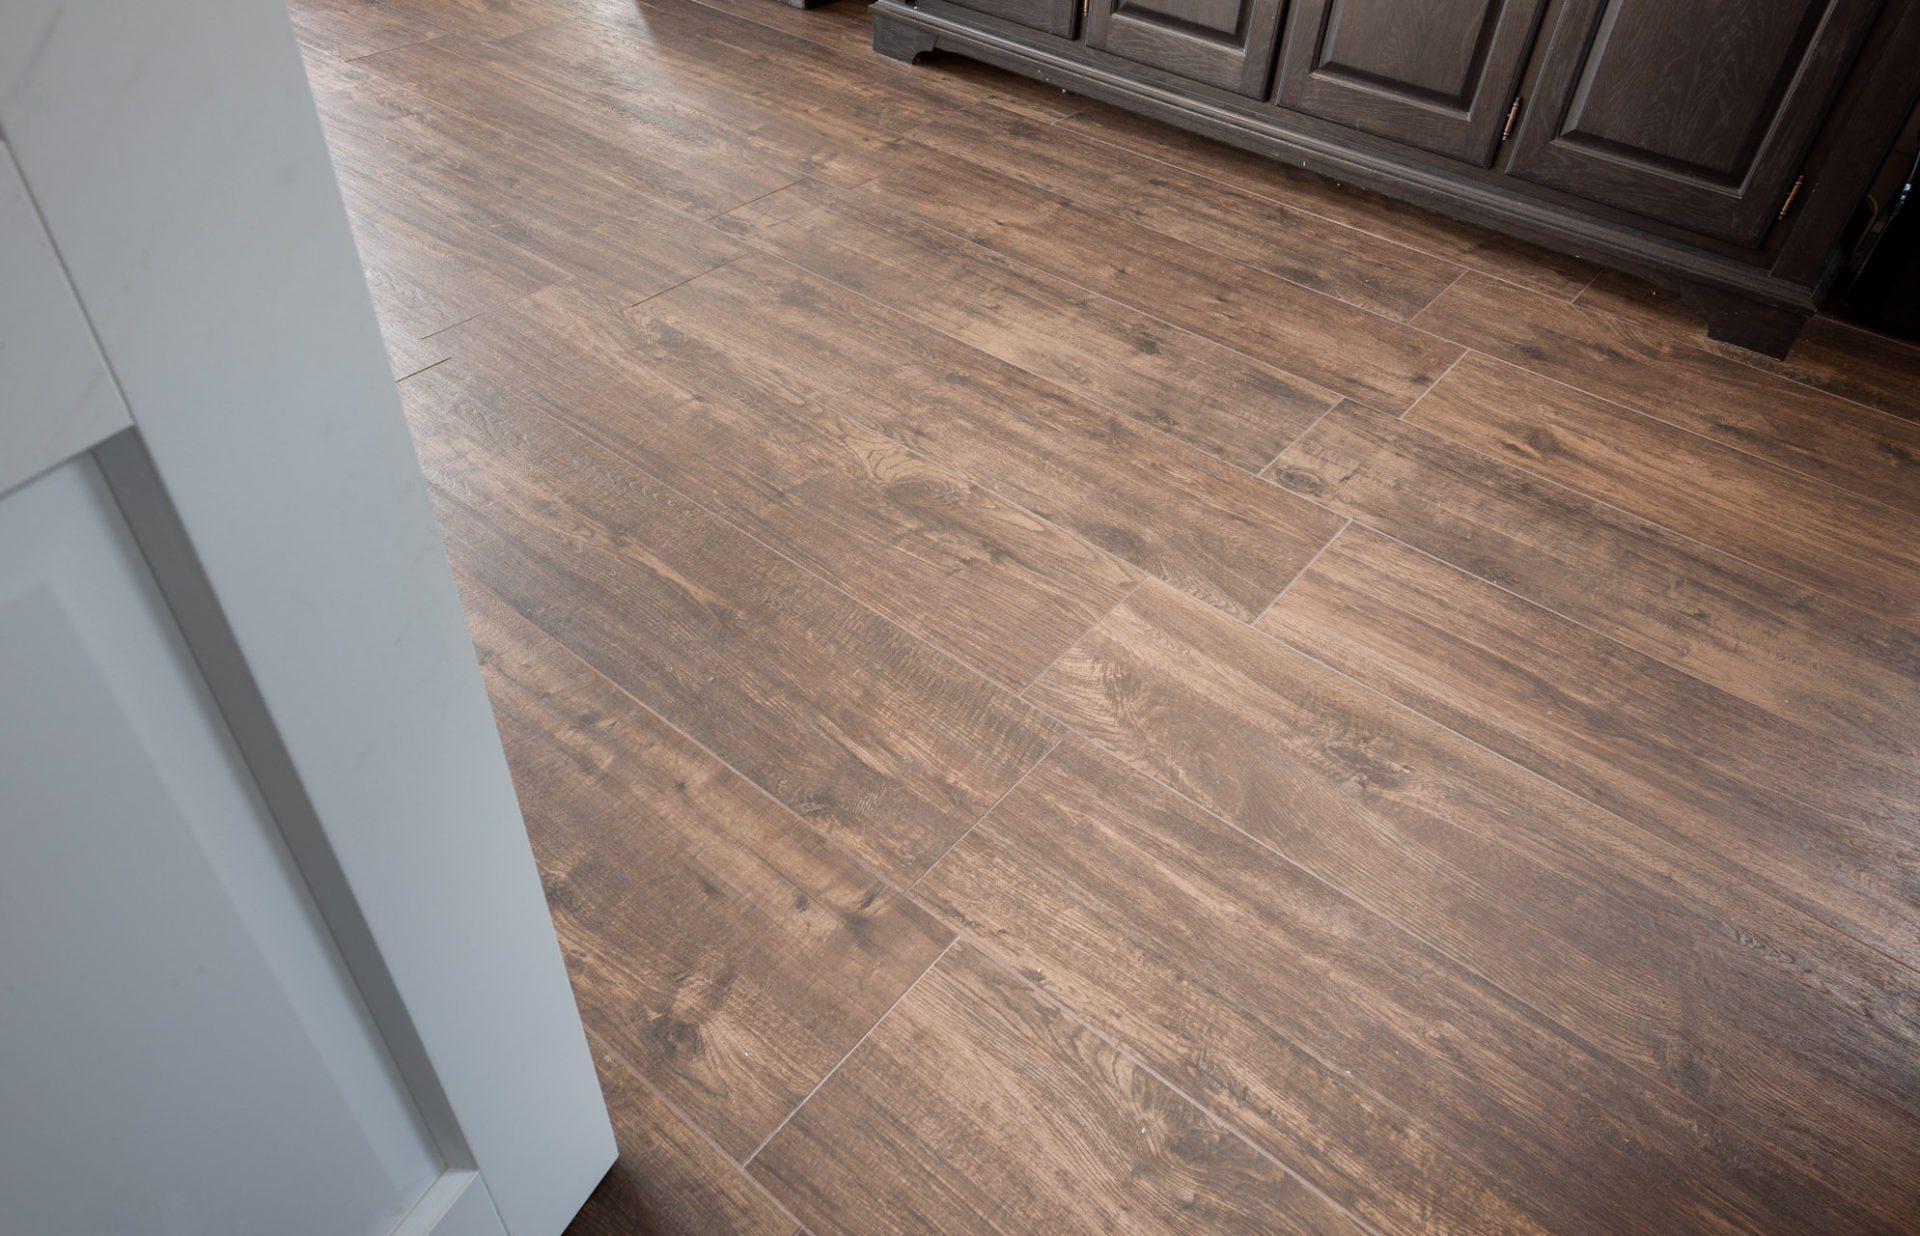 Houten Vloer Tegels : Tegelvloer houtlook kroon vloeren in steen